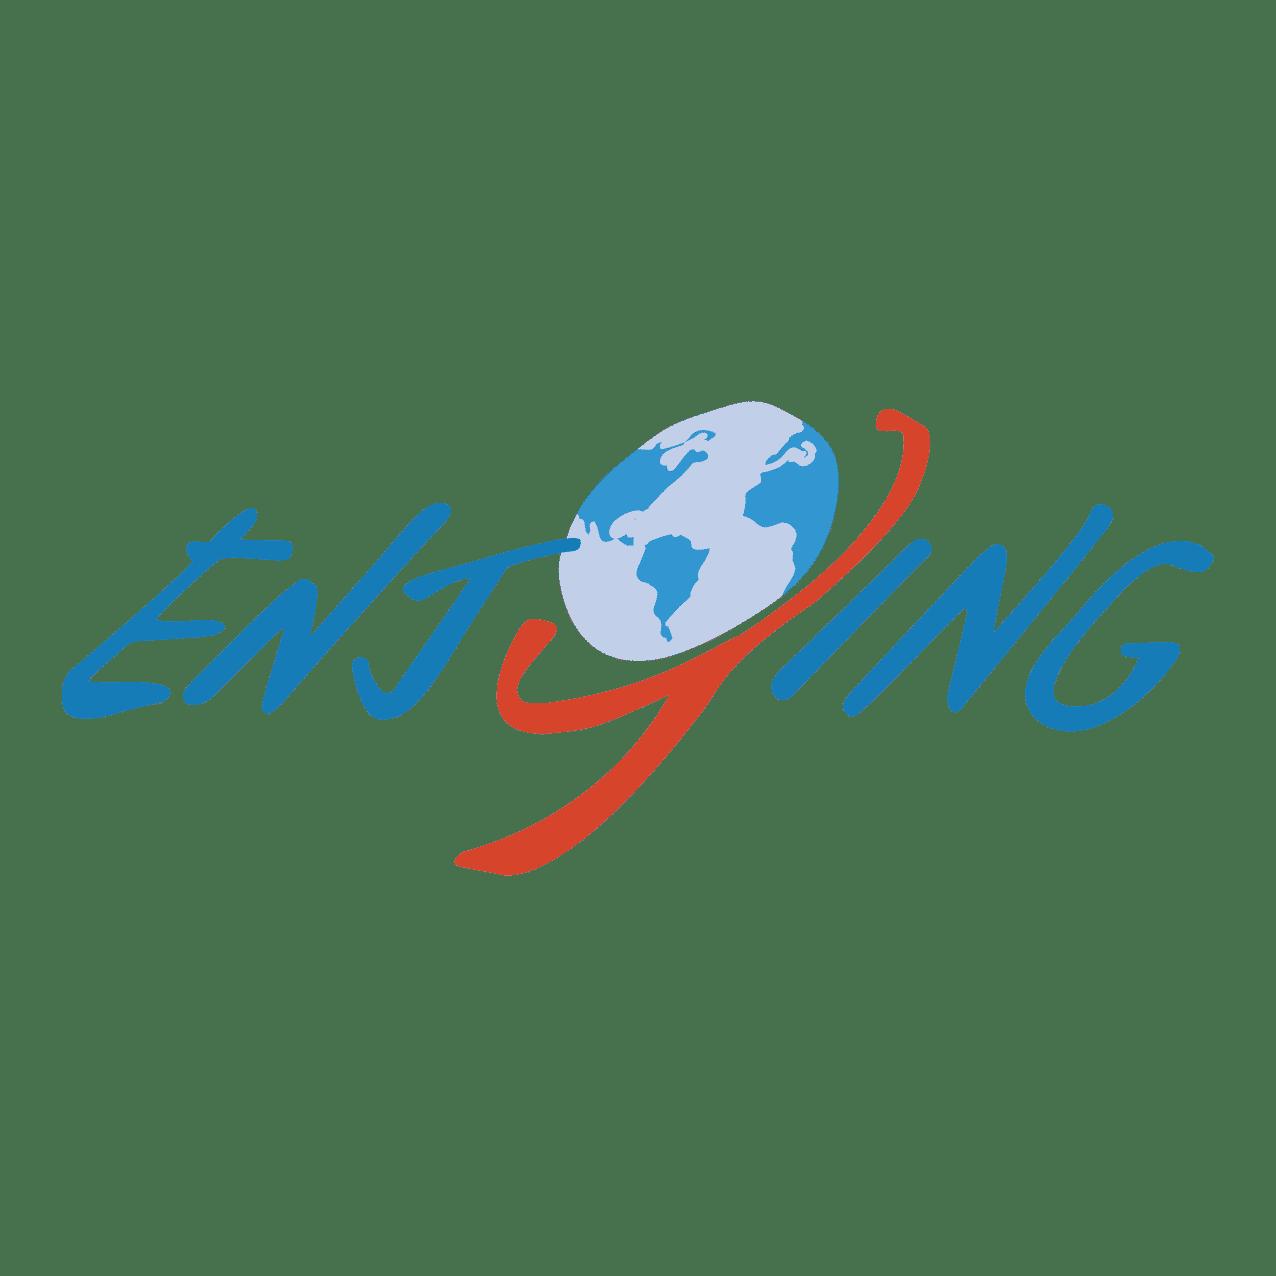 realizzazione logo enjoing